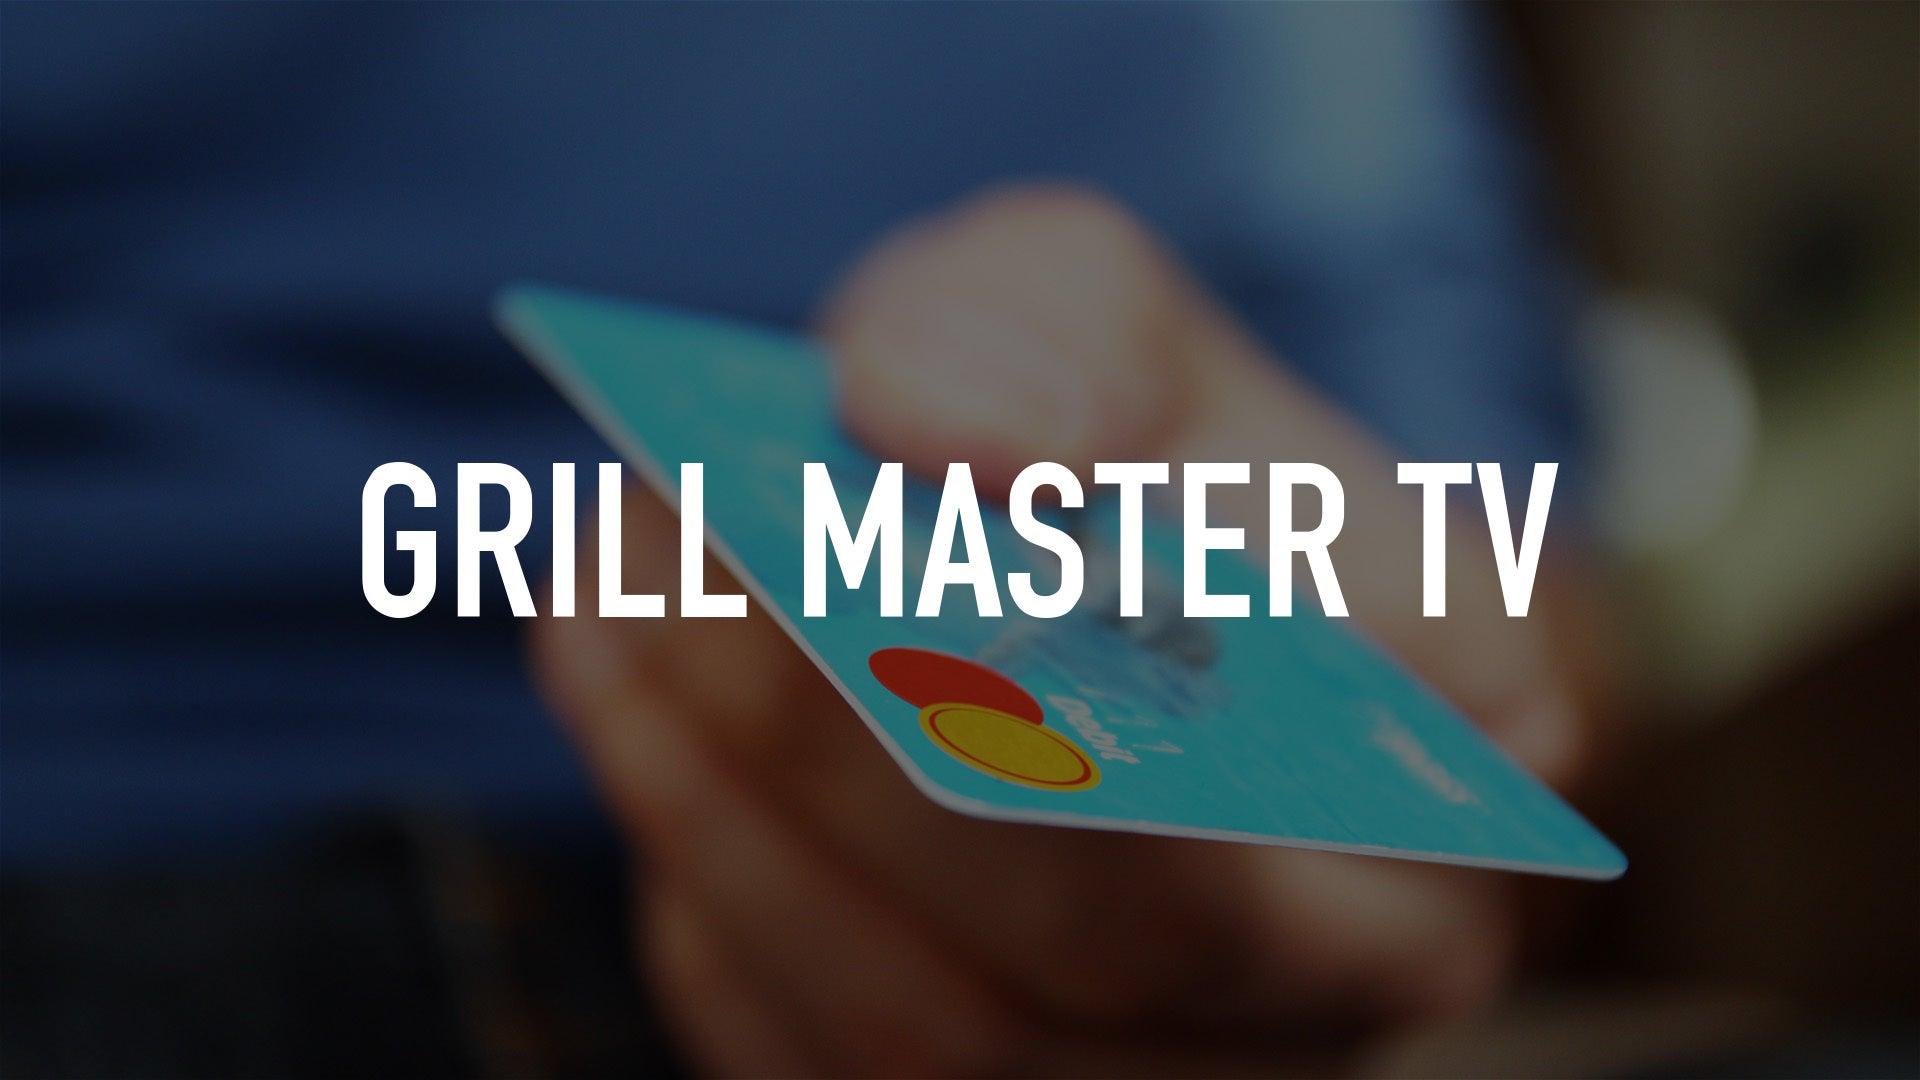 Grill Master TV